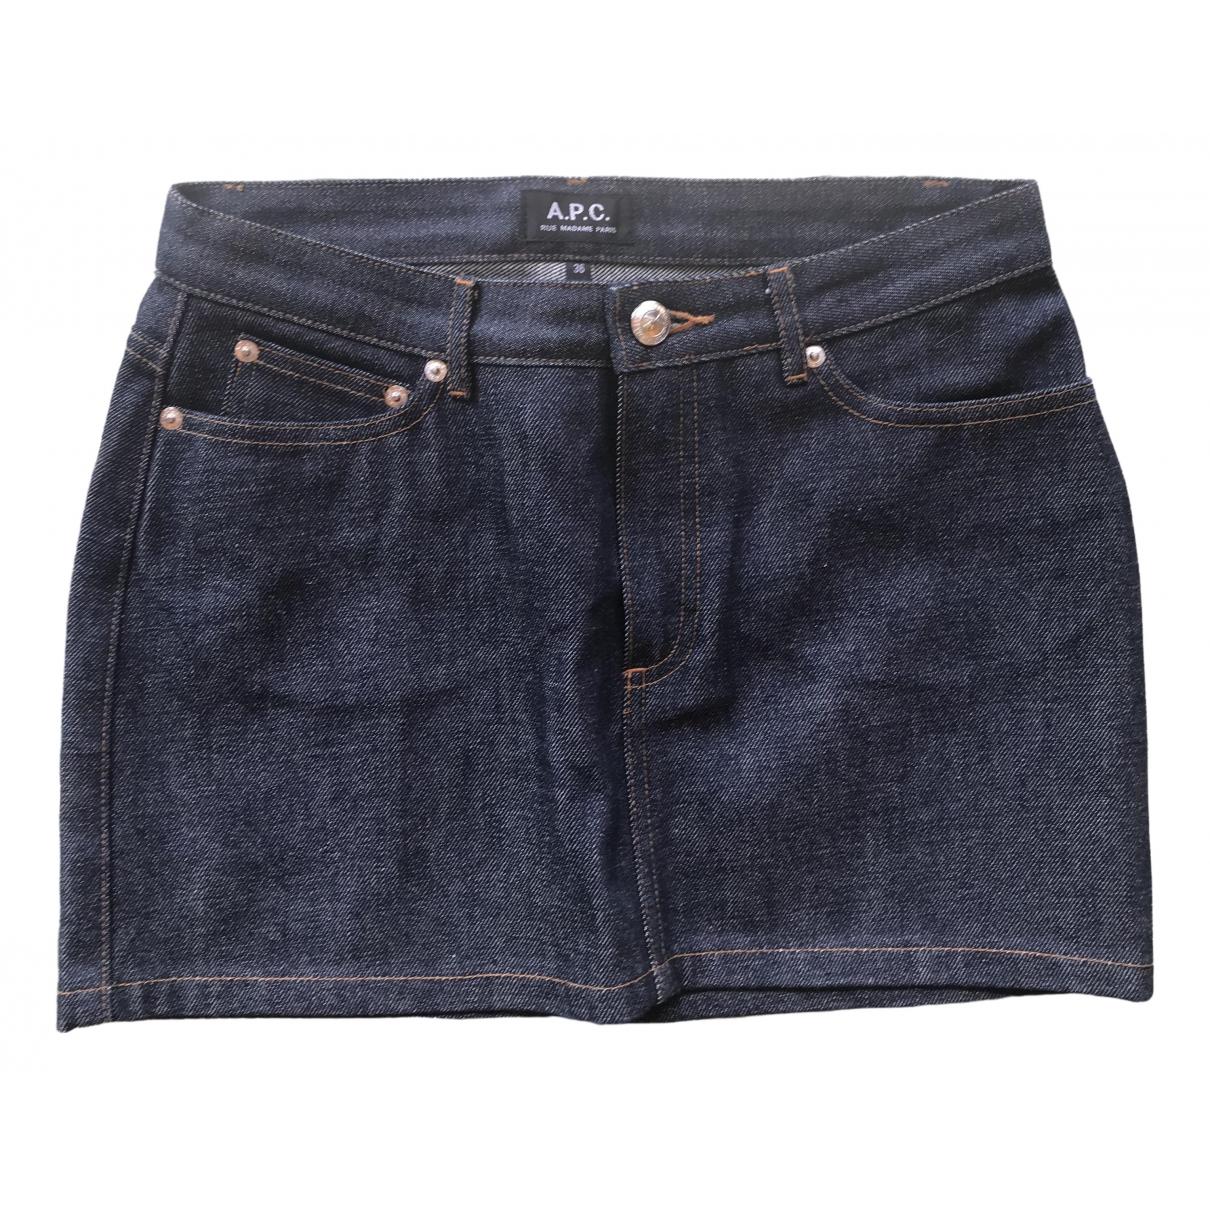 Mini falda Apc